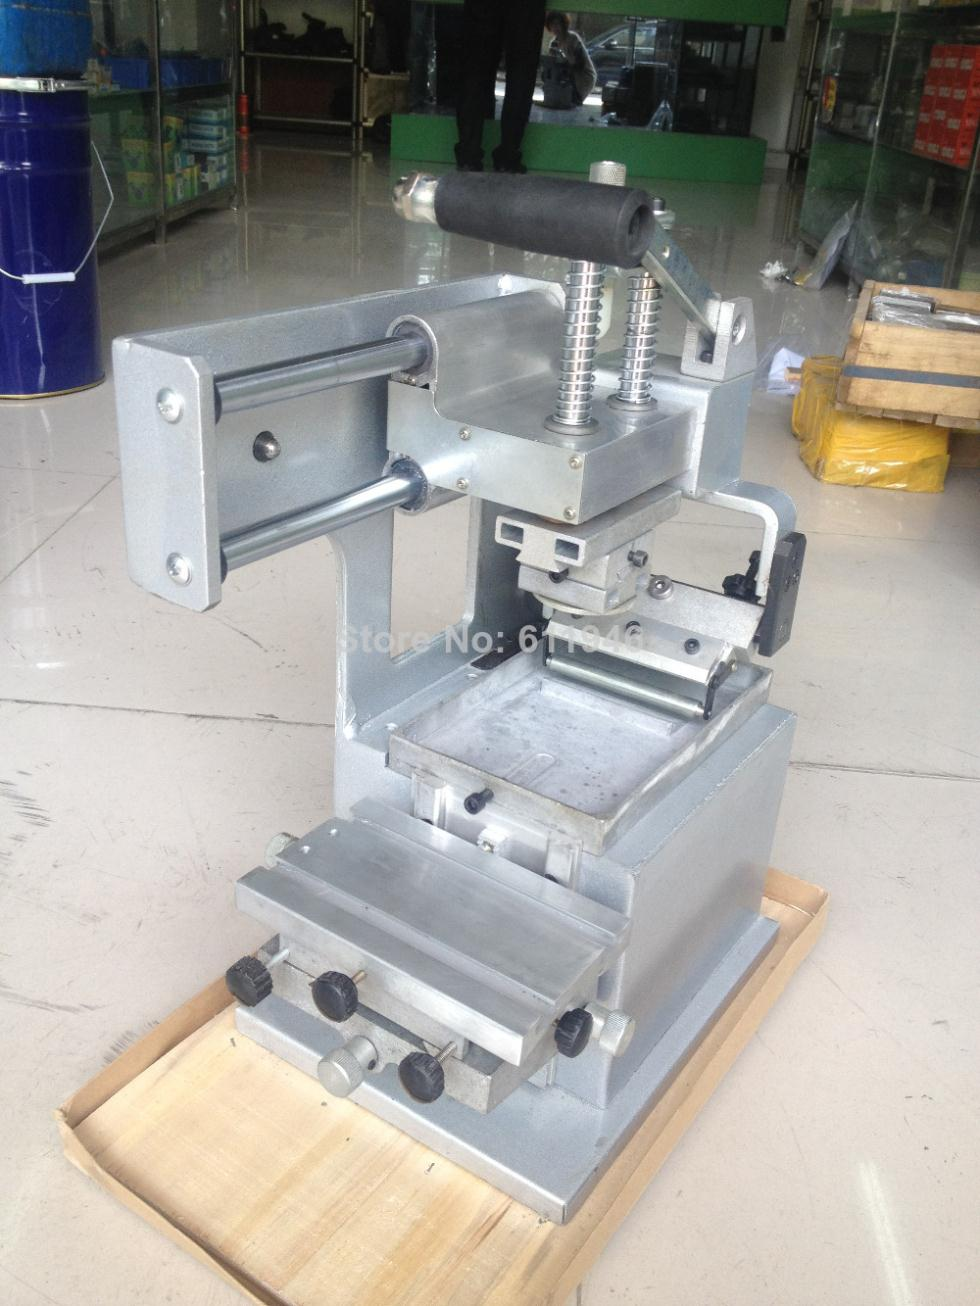 1PC käsitsi pad trükimasinate ettevõtte logo printeritehnika ühevärvilised õlide stantsimine printeri kujundus die pardal pad pea